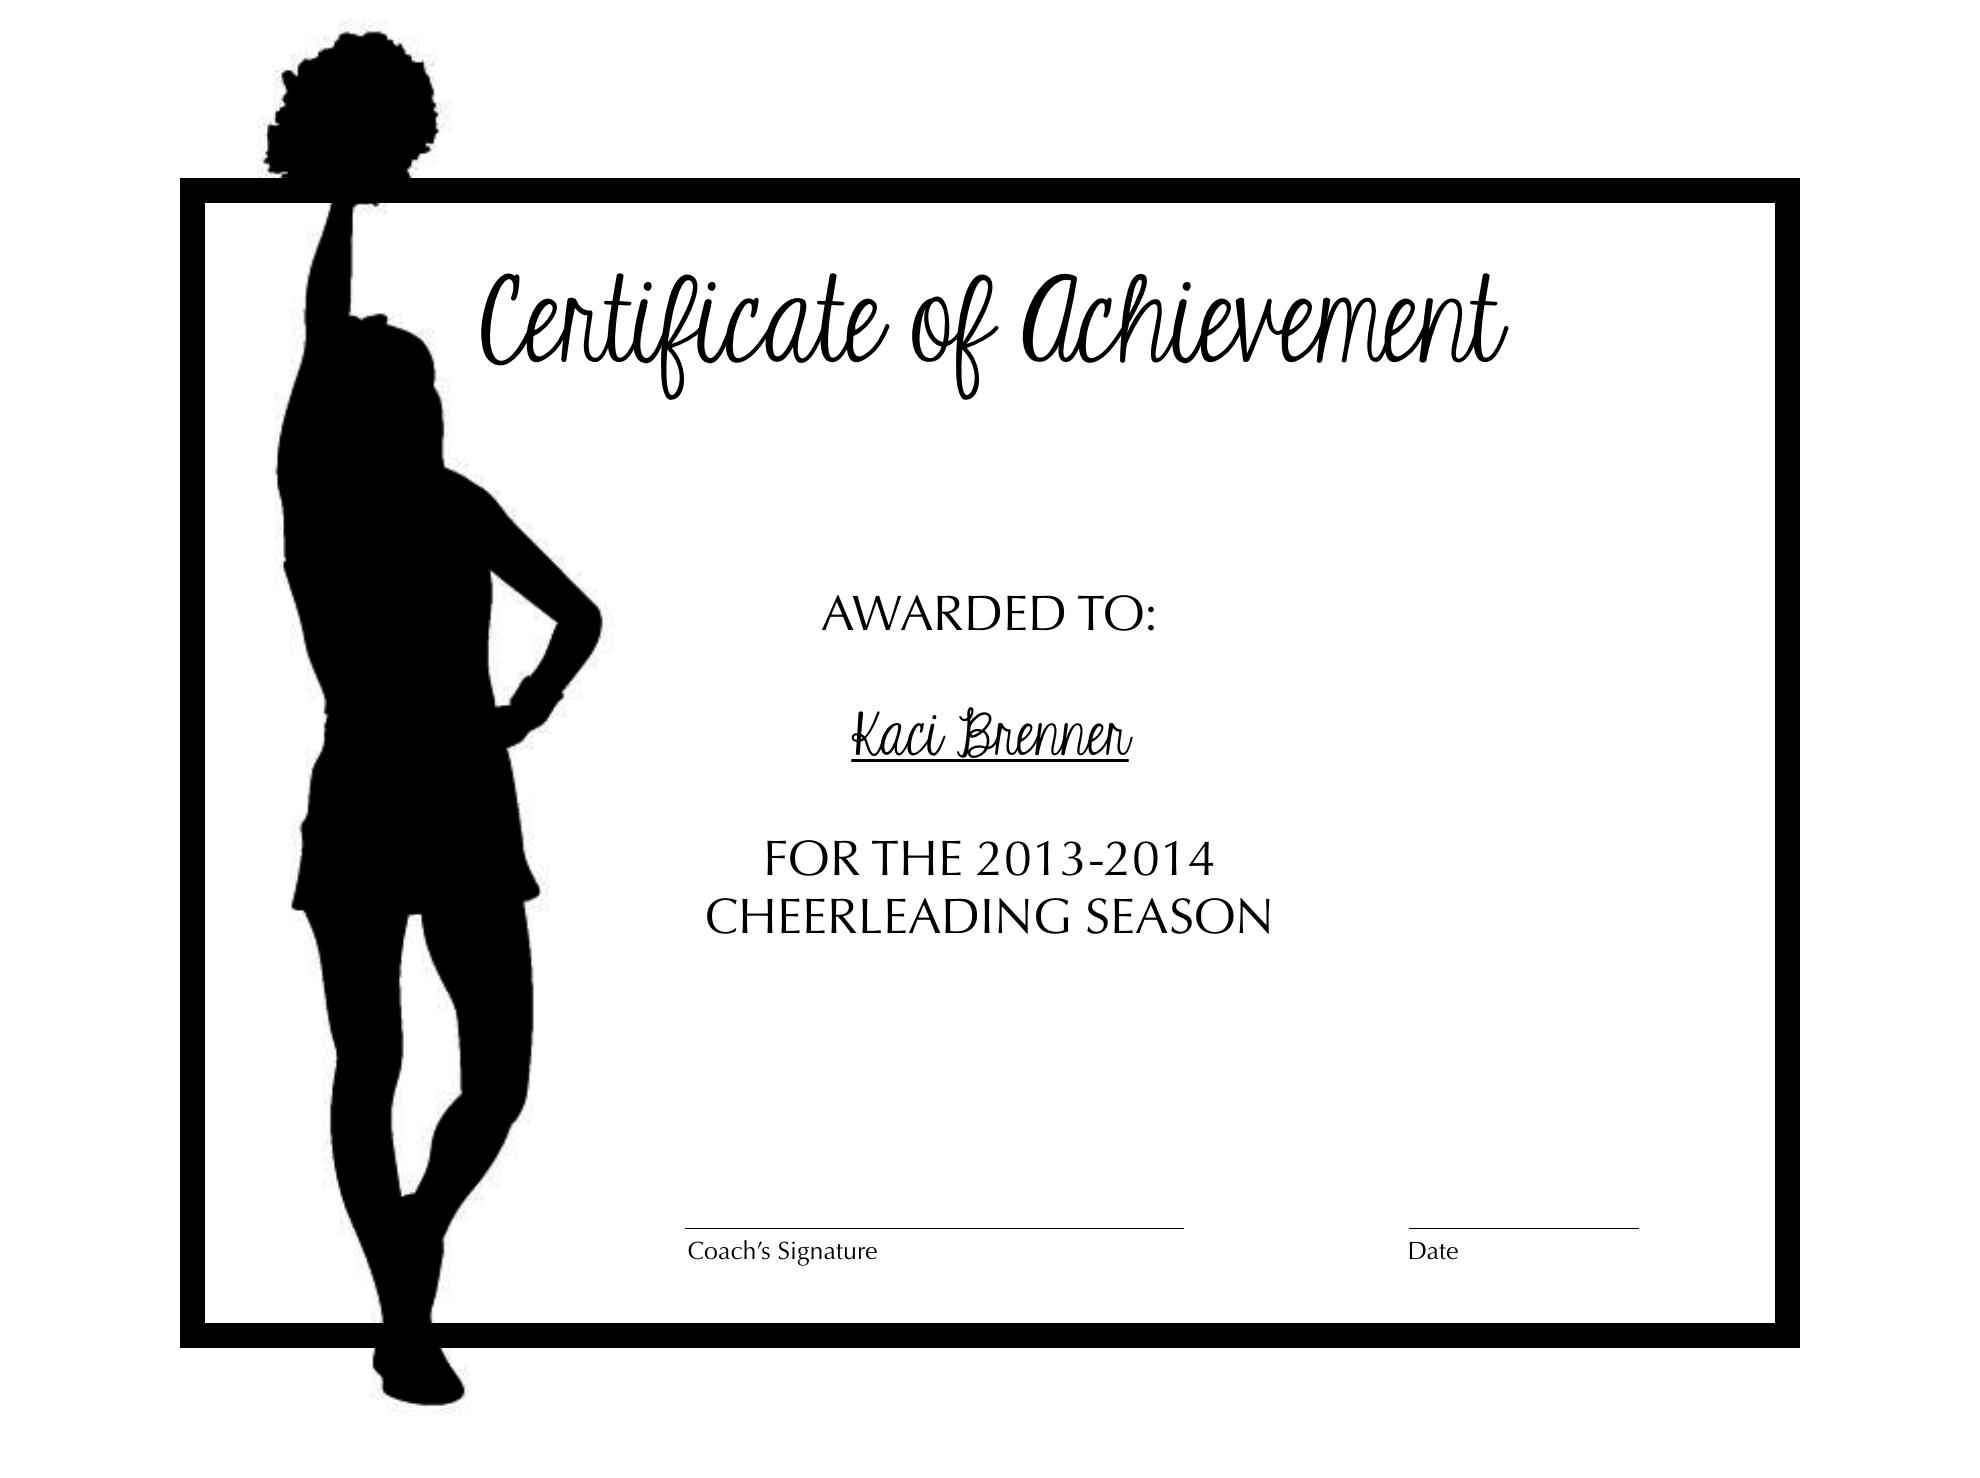 Cheerleading Certificate Of Achievement   Cheer   Cheer Coaches - Free Printable Cheerleading Certificates